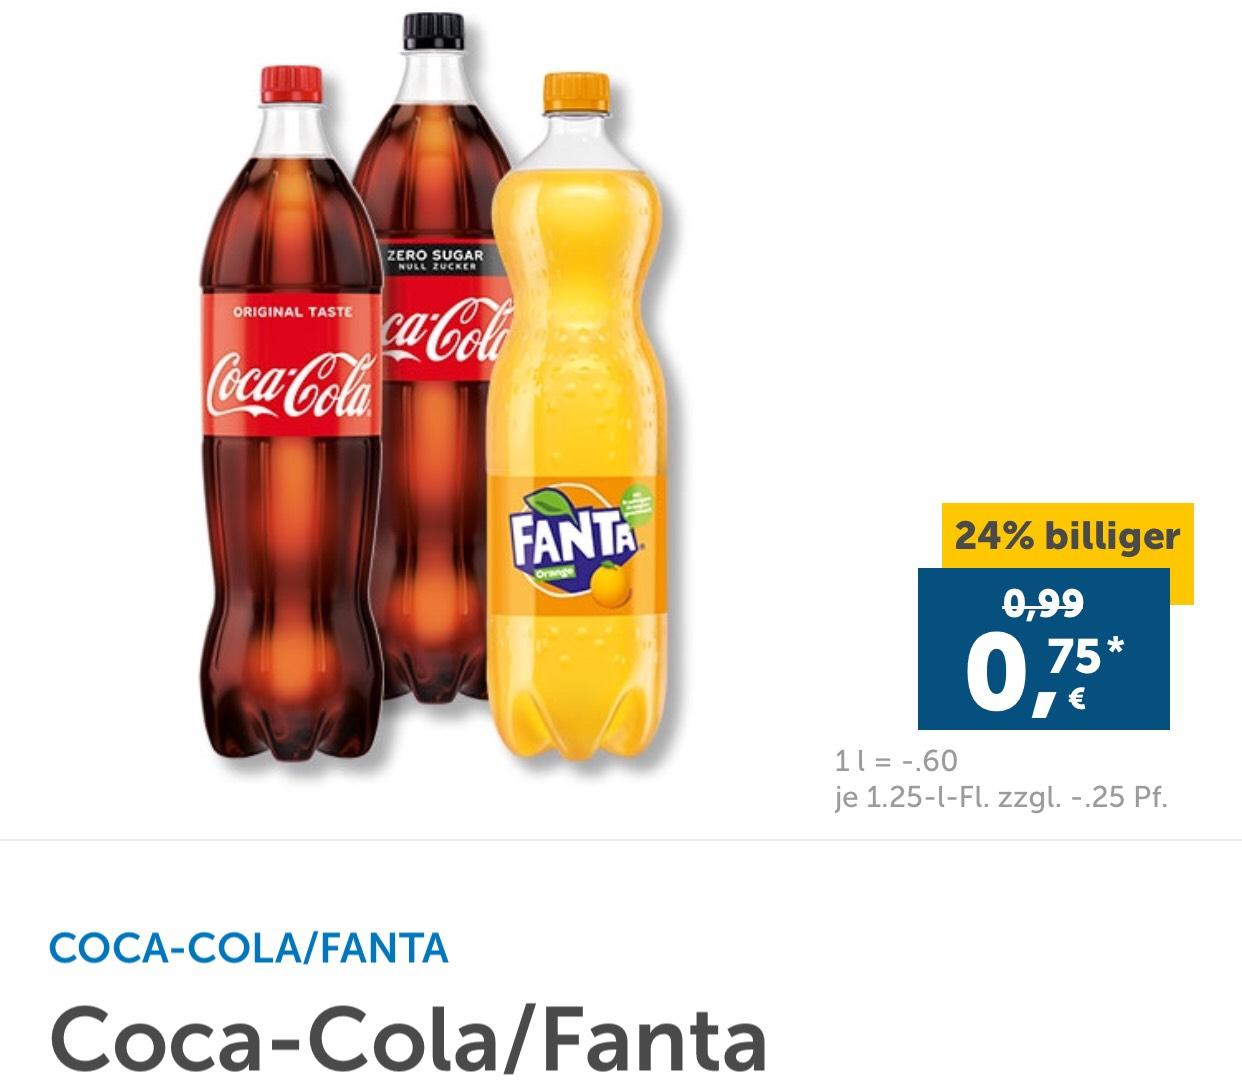 [Lidl Plus - Berlin/Brandenburg] Coca-Cola / Fanta für 75 Cent + Pfand (max. 12 Stück)